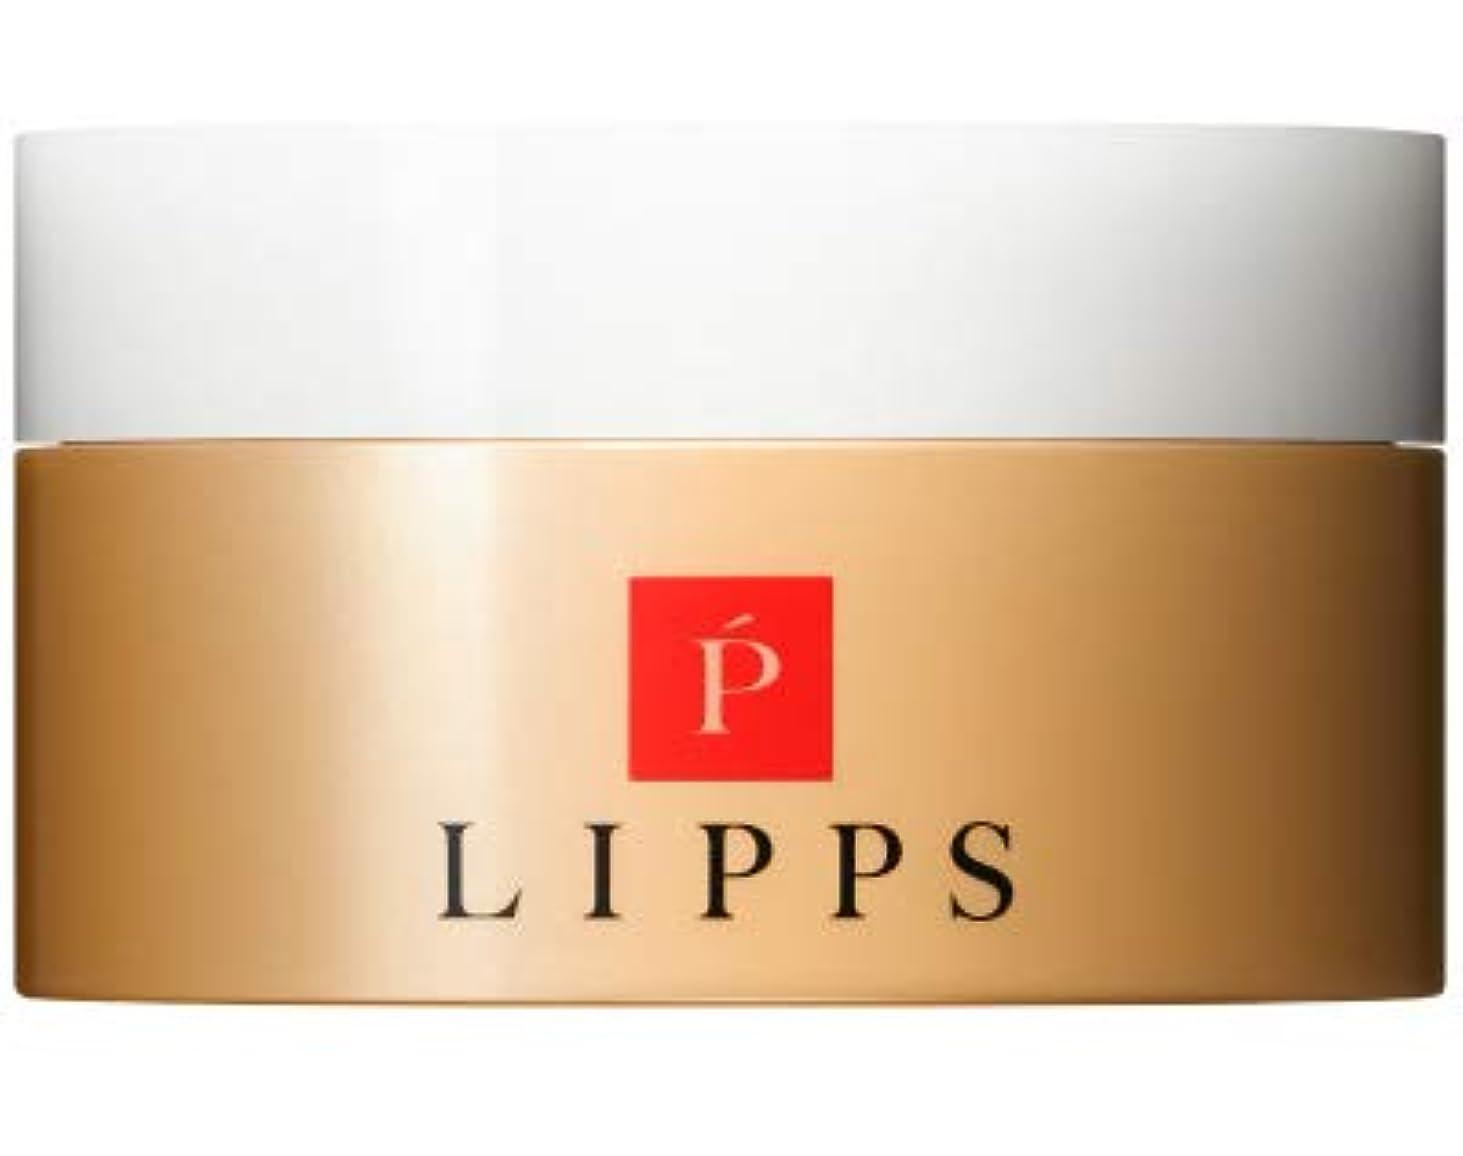 電気バンガロー特別な【ふわっと動く×自由自在な束感】LIPPS L12フリーキープワックス (85g)